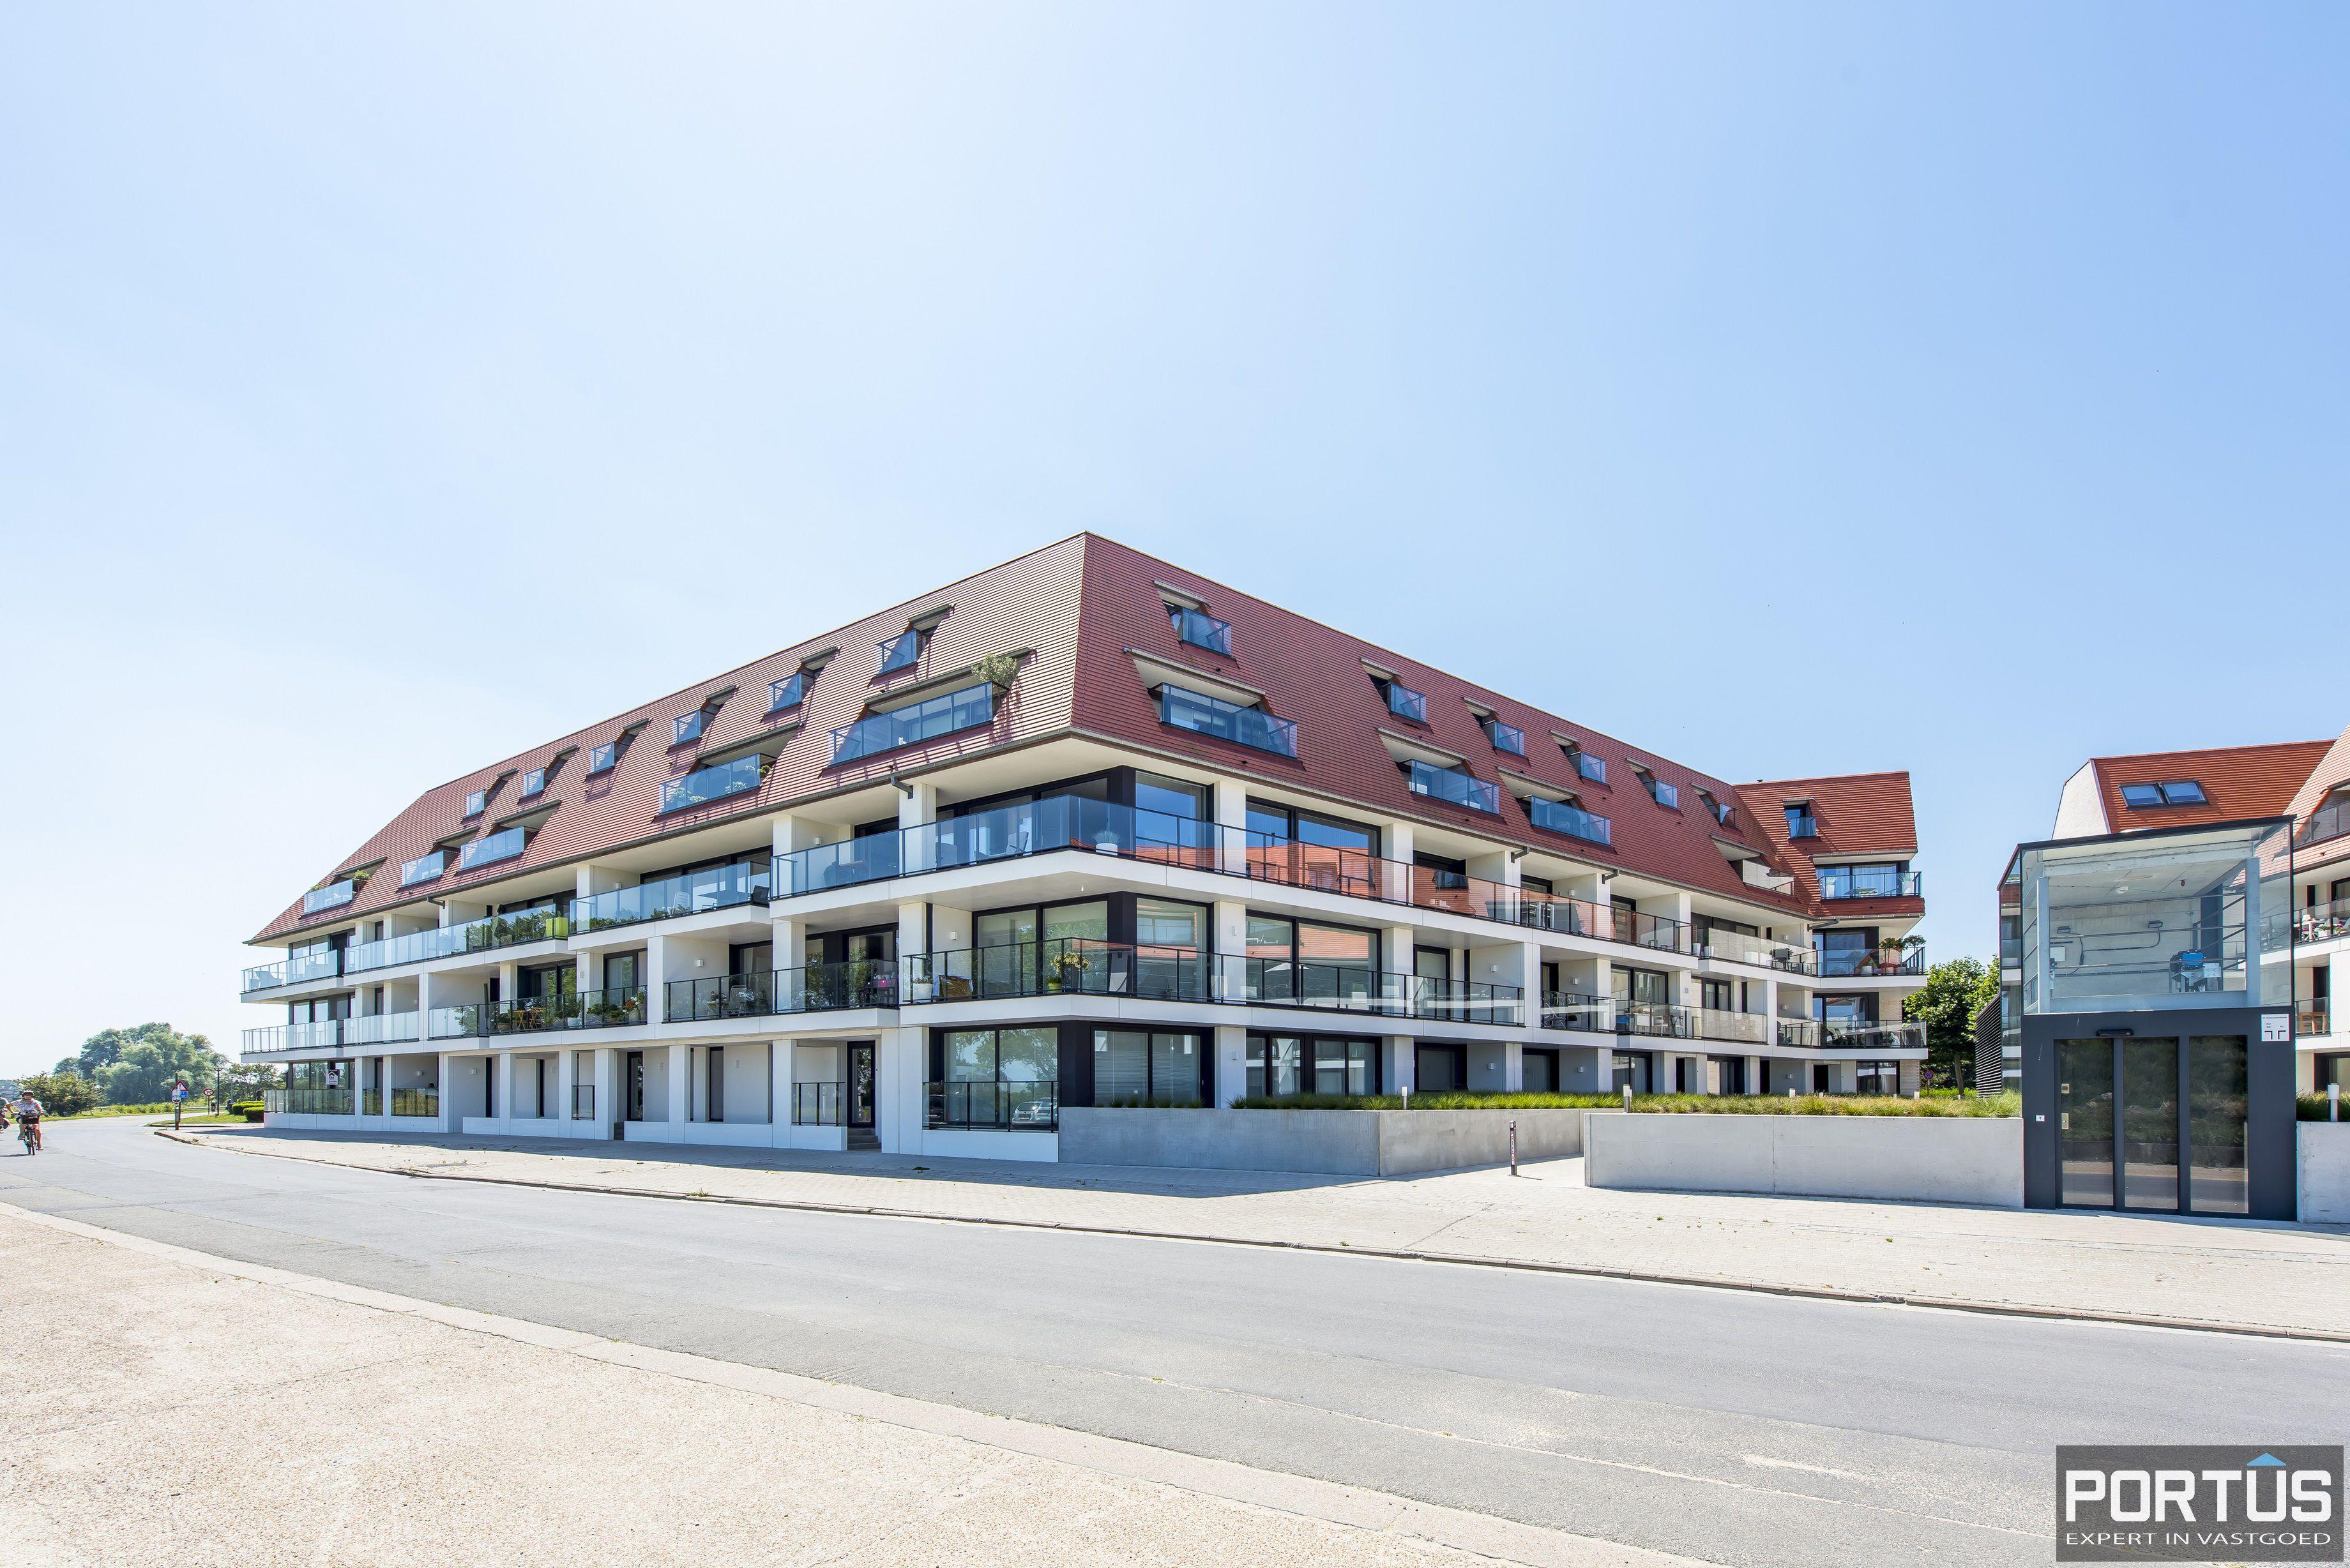 Recent appartement met 2 slaapkamers te koop te Nieuwpoort - 11388